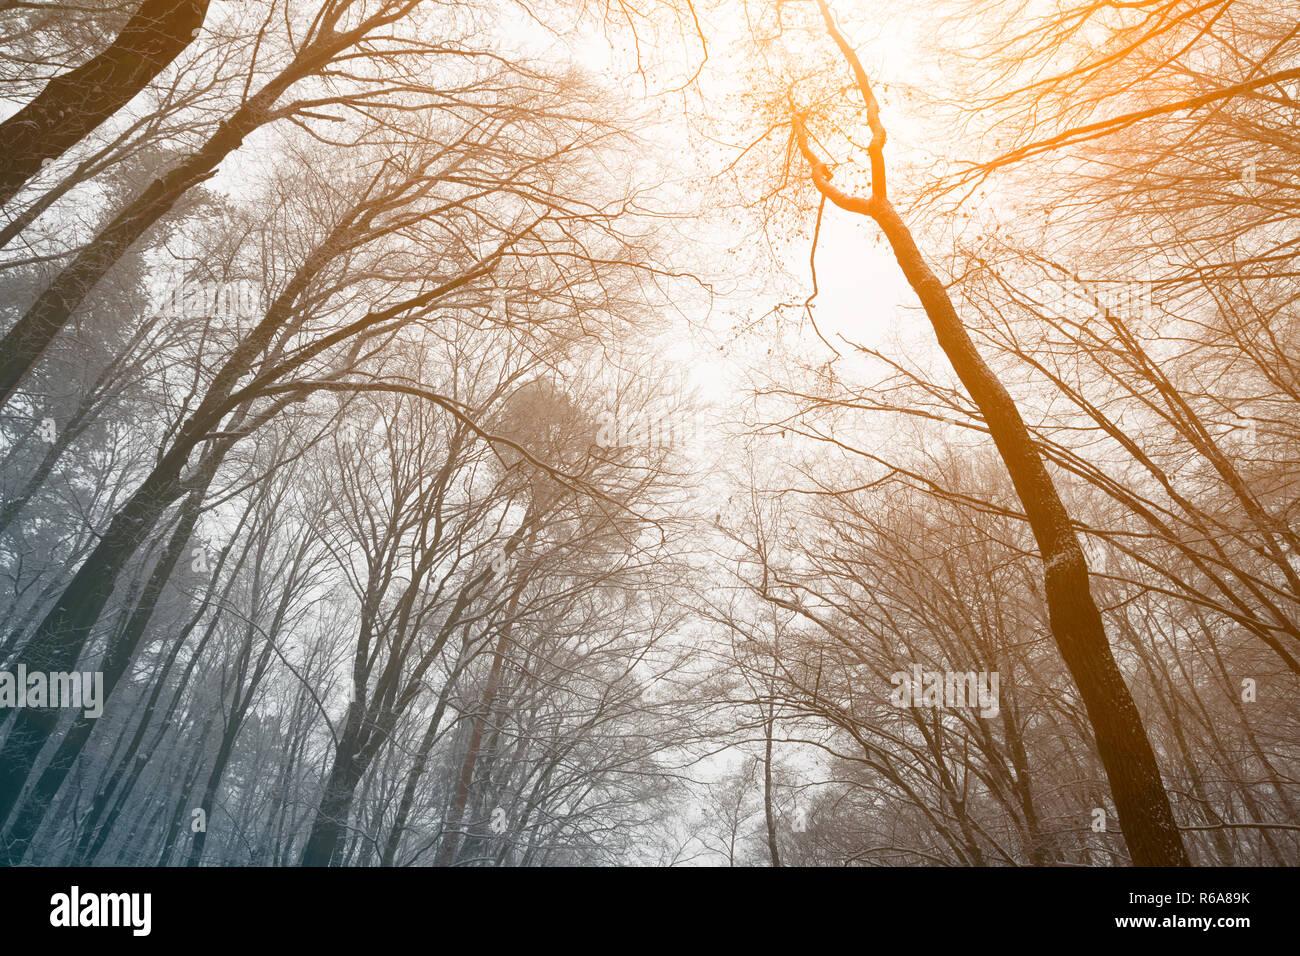 Treetops sfrondato in inverno il tramonto. basso angolo di visione Immagini Stock